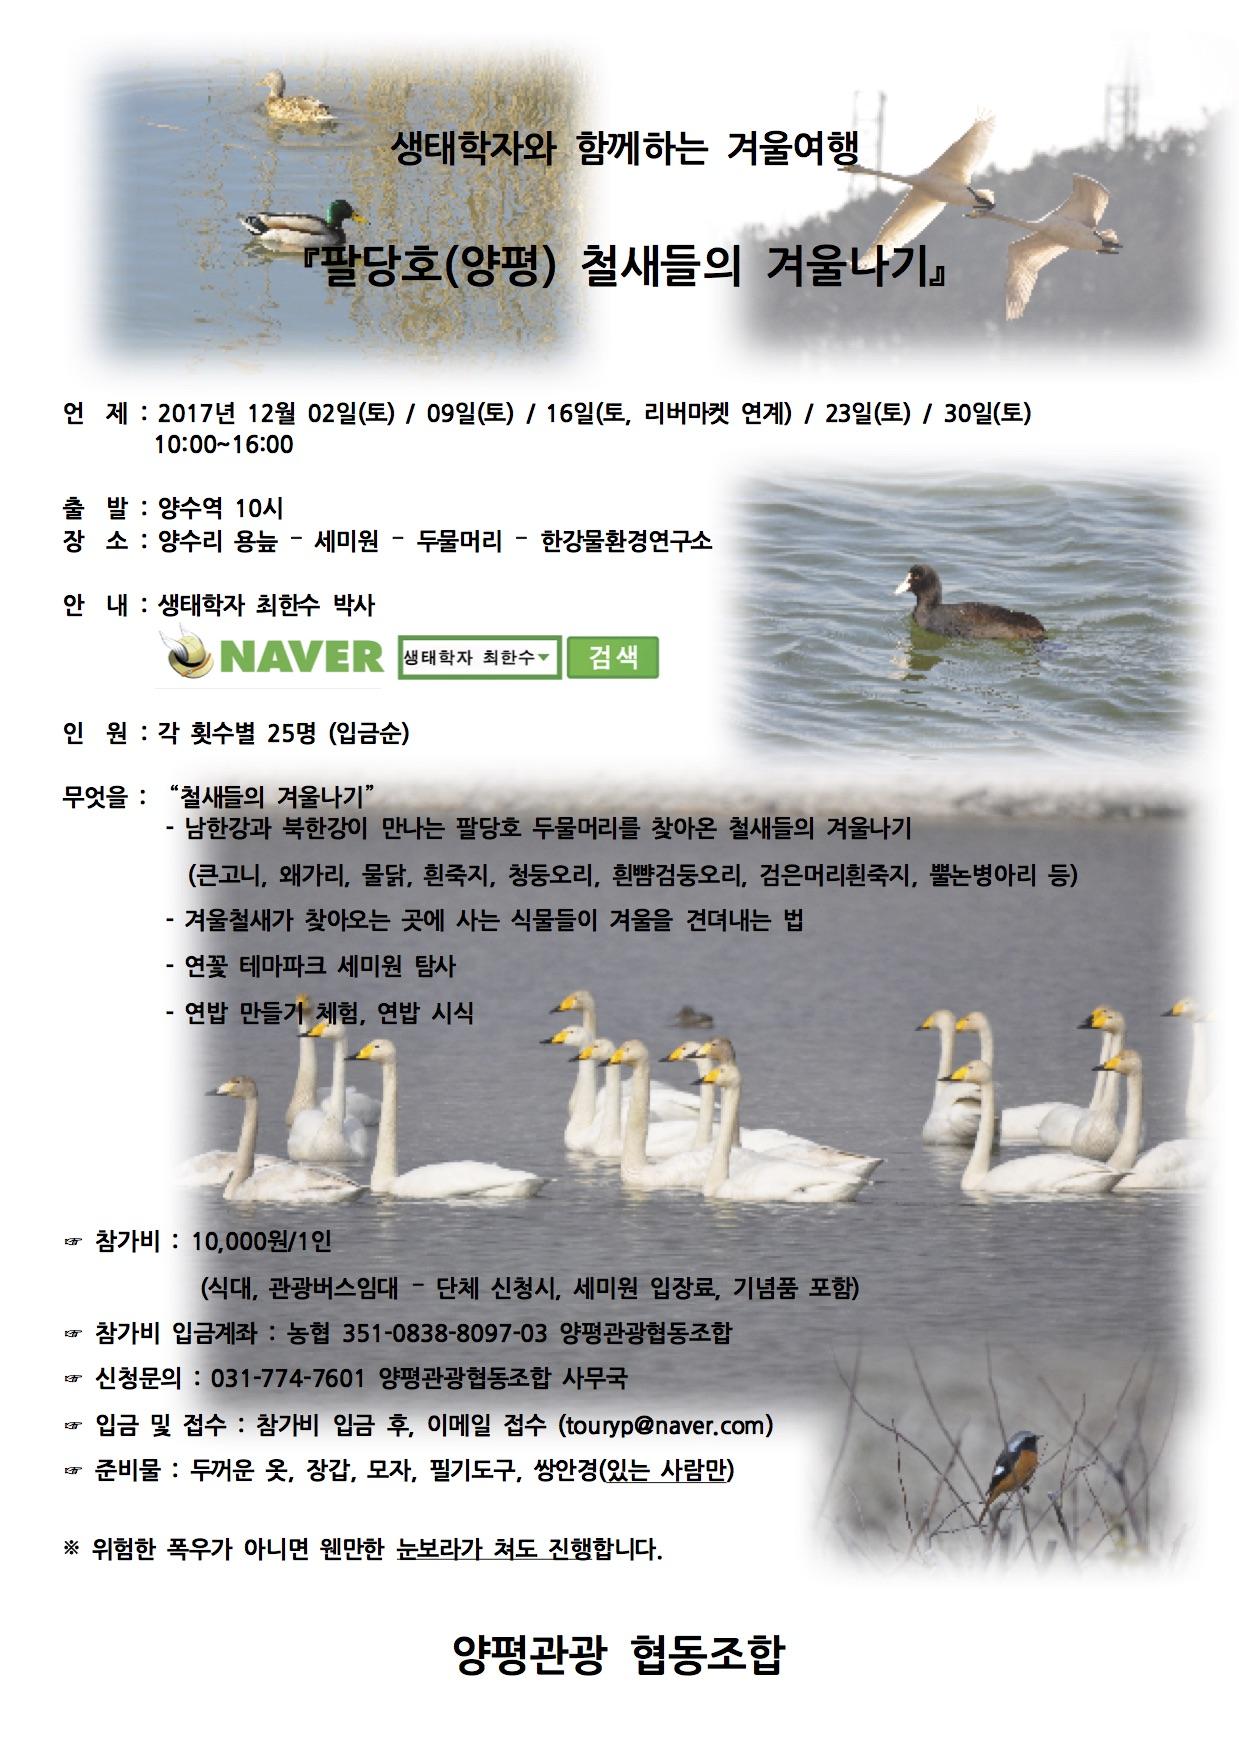 팔당호(양평) 철새들의 겨울나기 참가안내